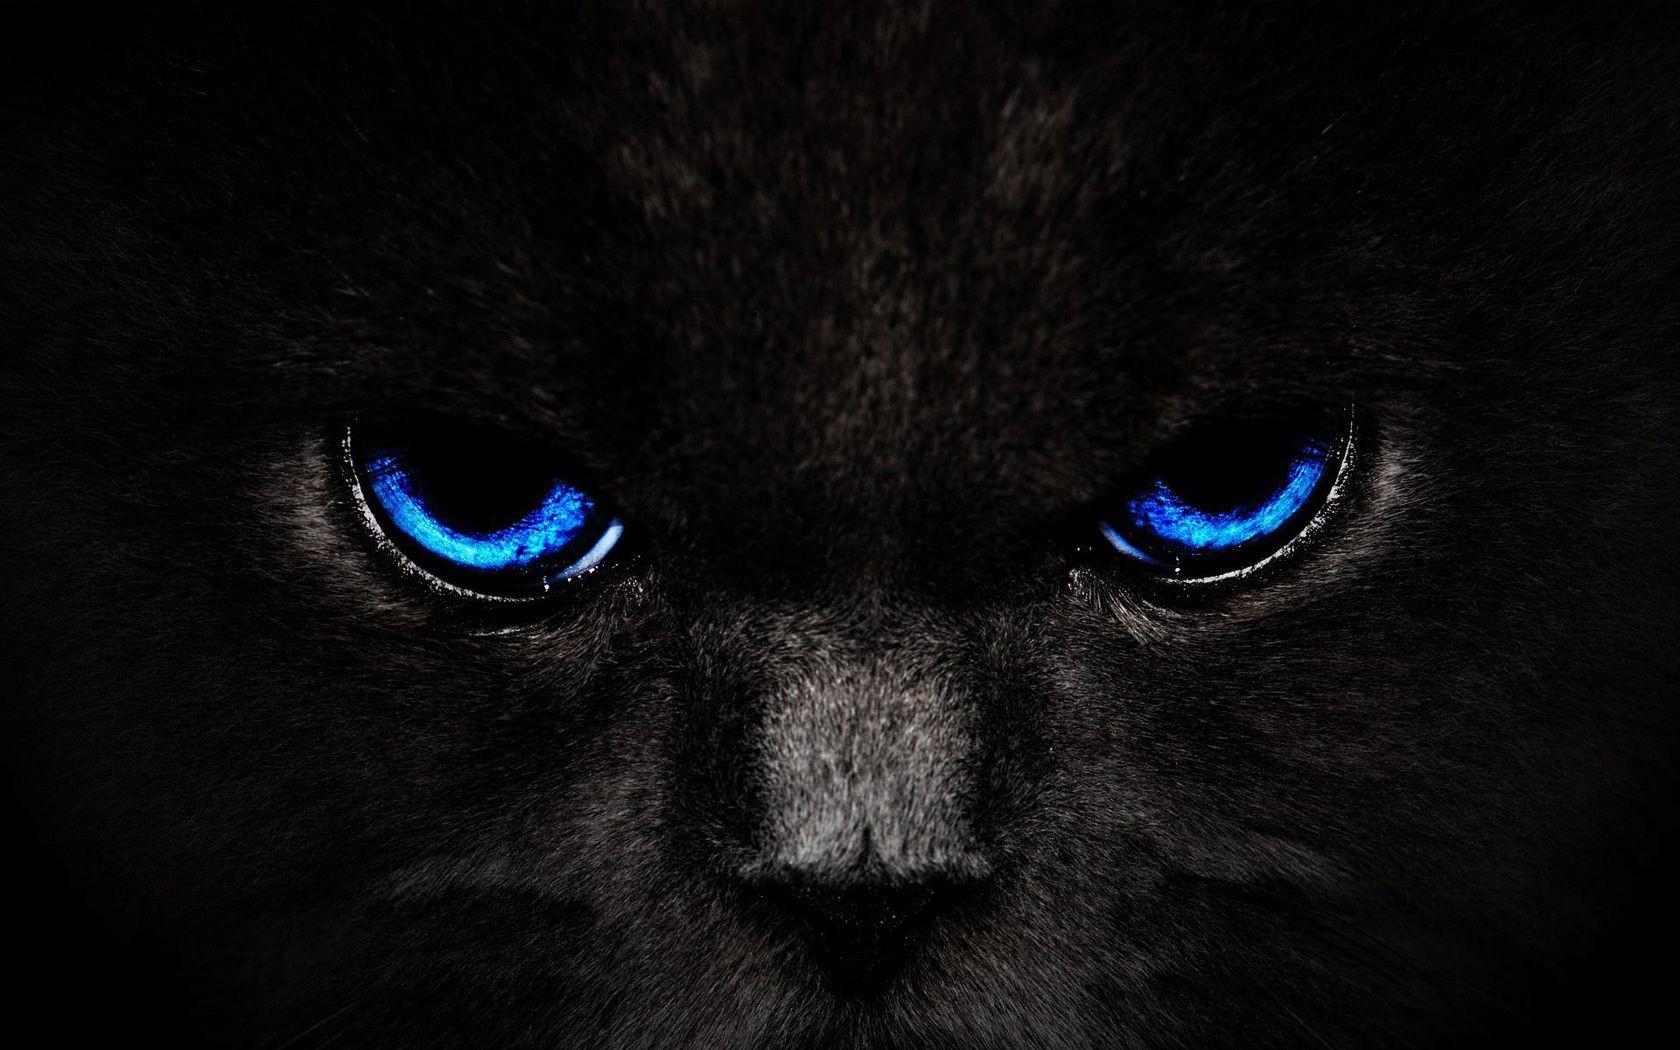 Картинки на телефон глаза животных